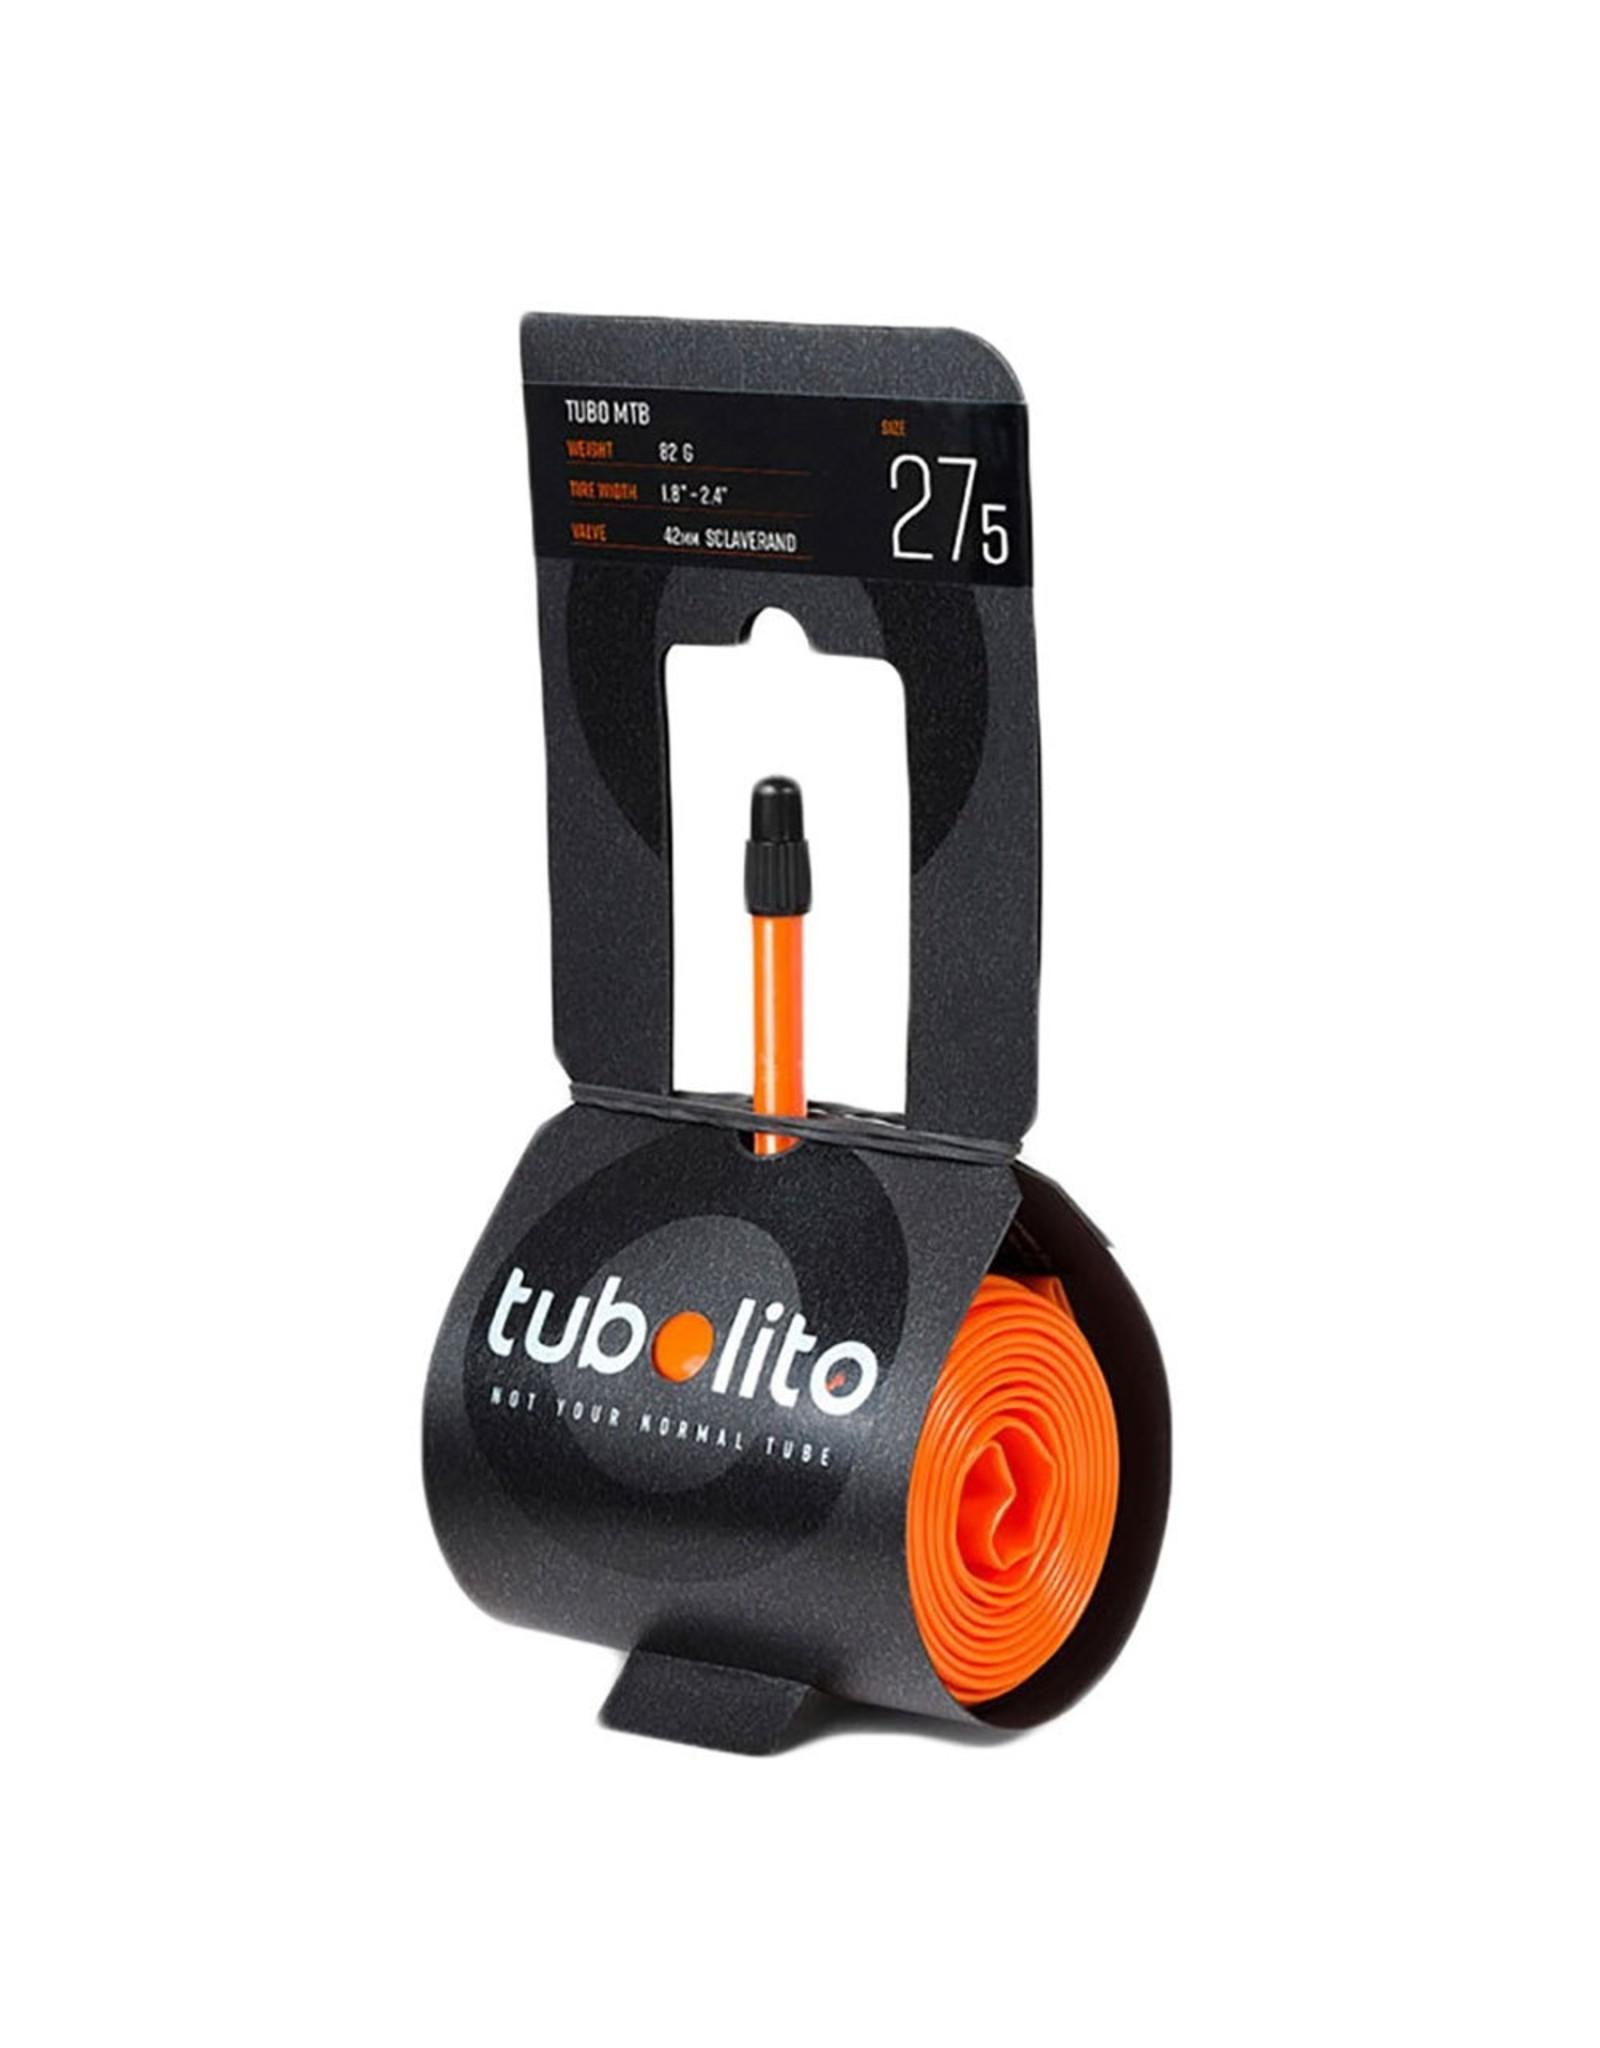 Tubolito Tubolito Tube 27.5